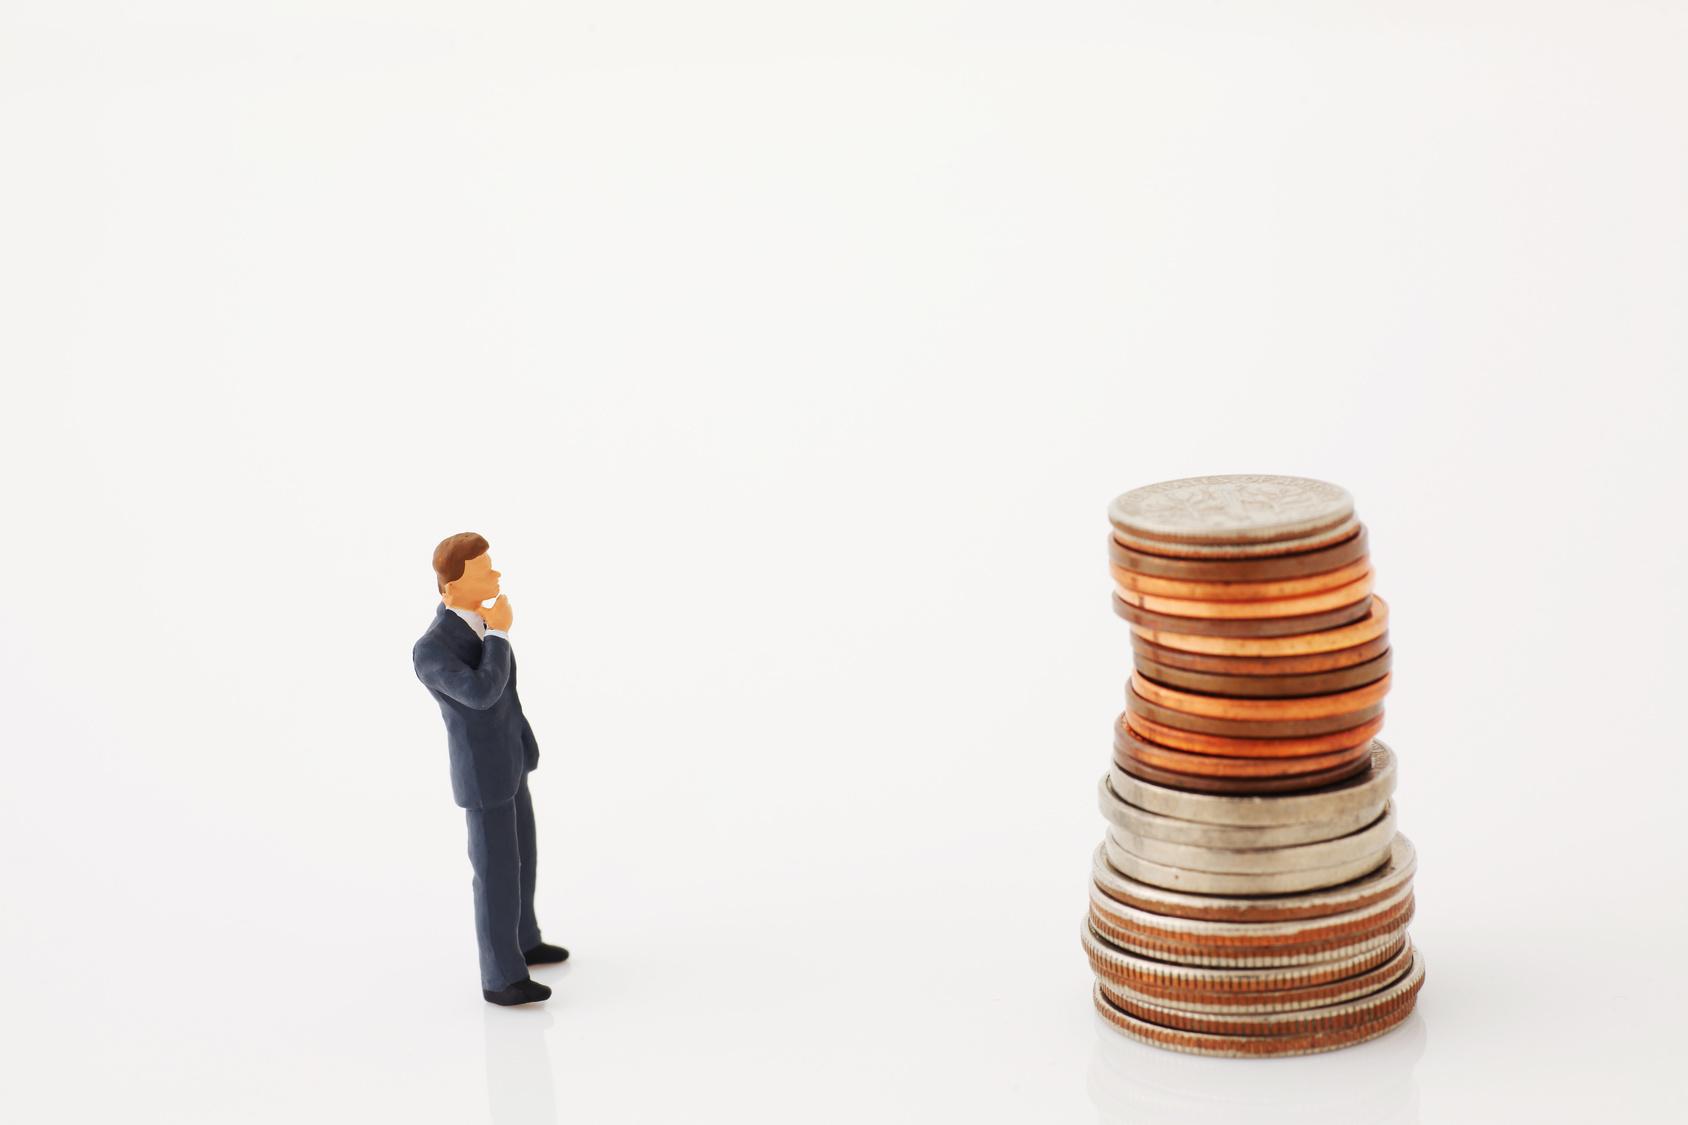 退職金と企業年金の違い、説明できますか?